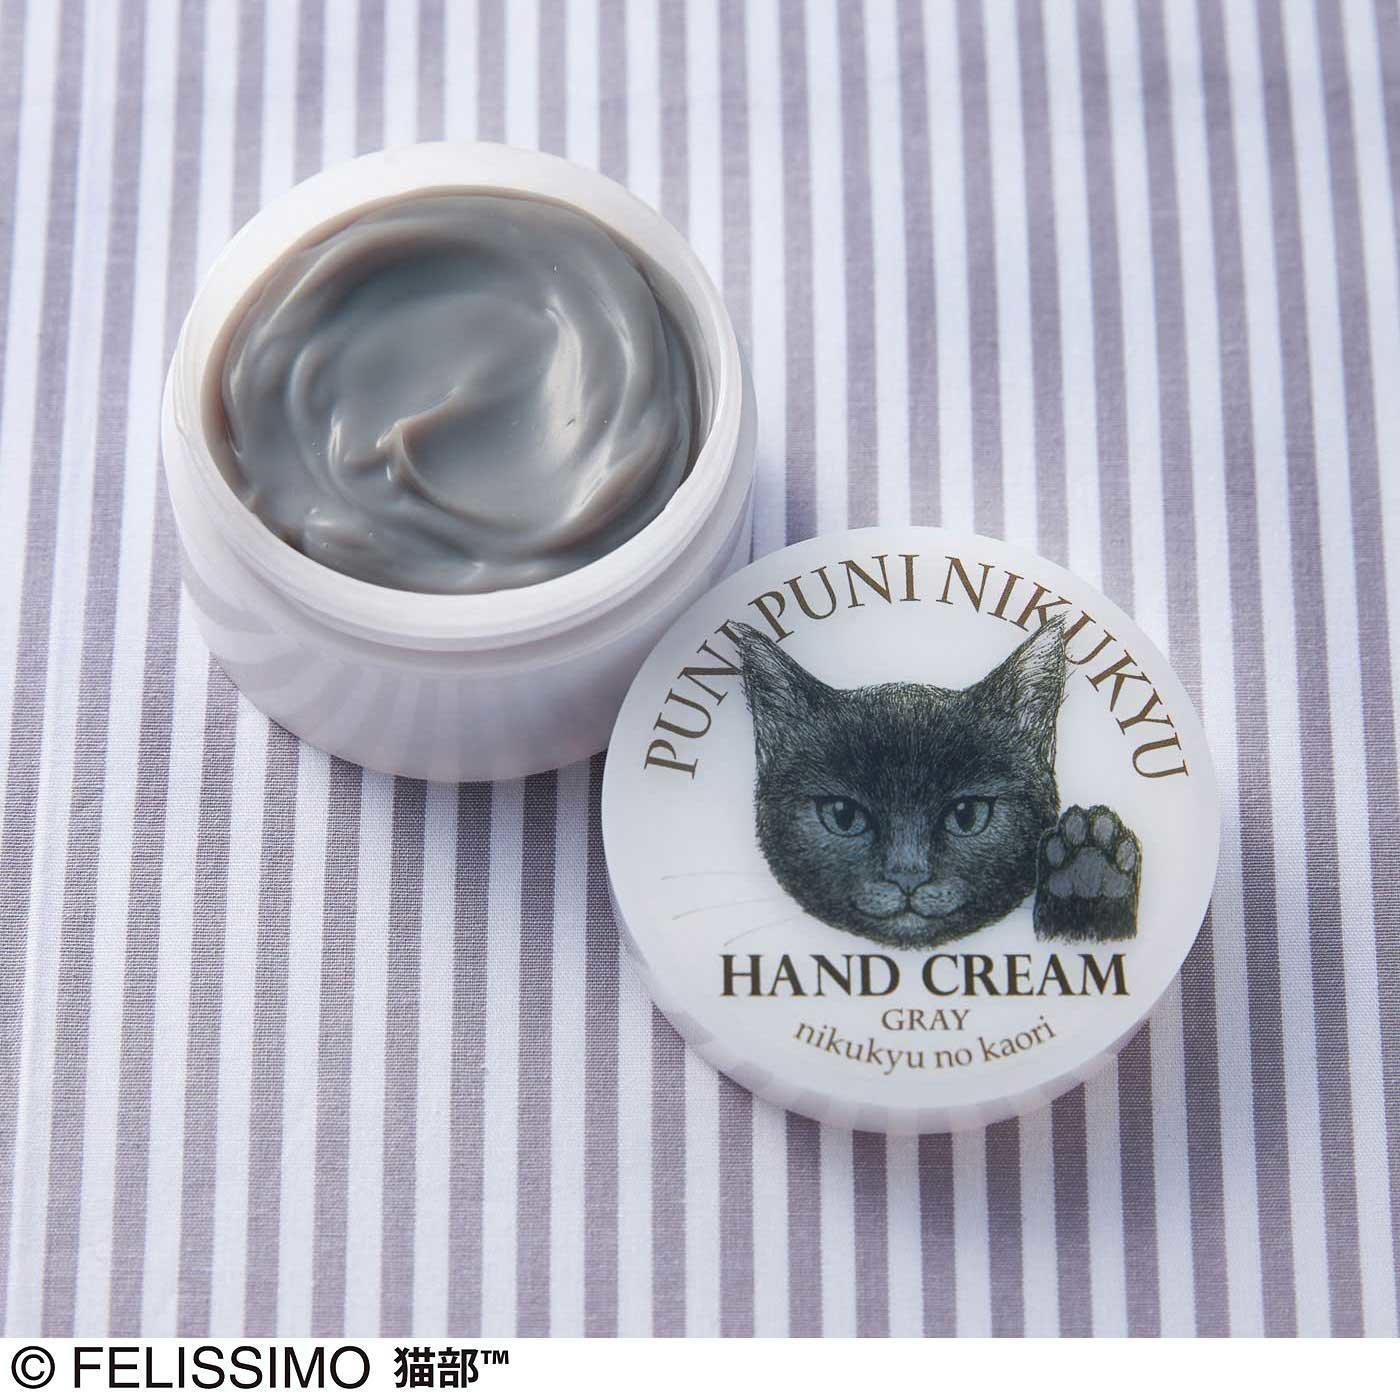 あの猫(こ)とおそろい!? プニプニ肉球の香りハンドクリーム〈グレー〉の会